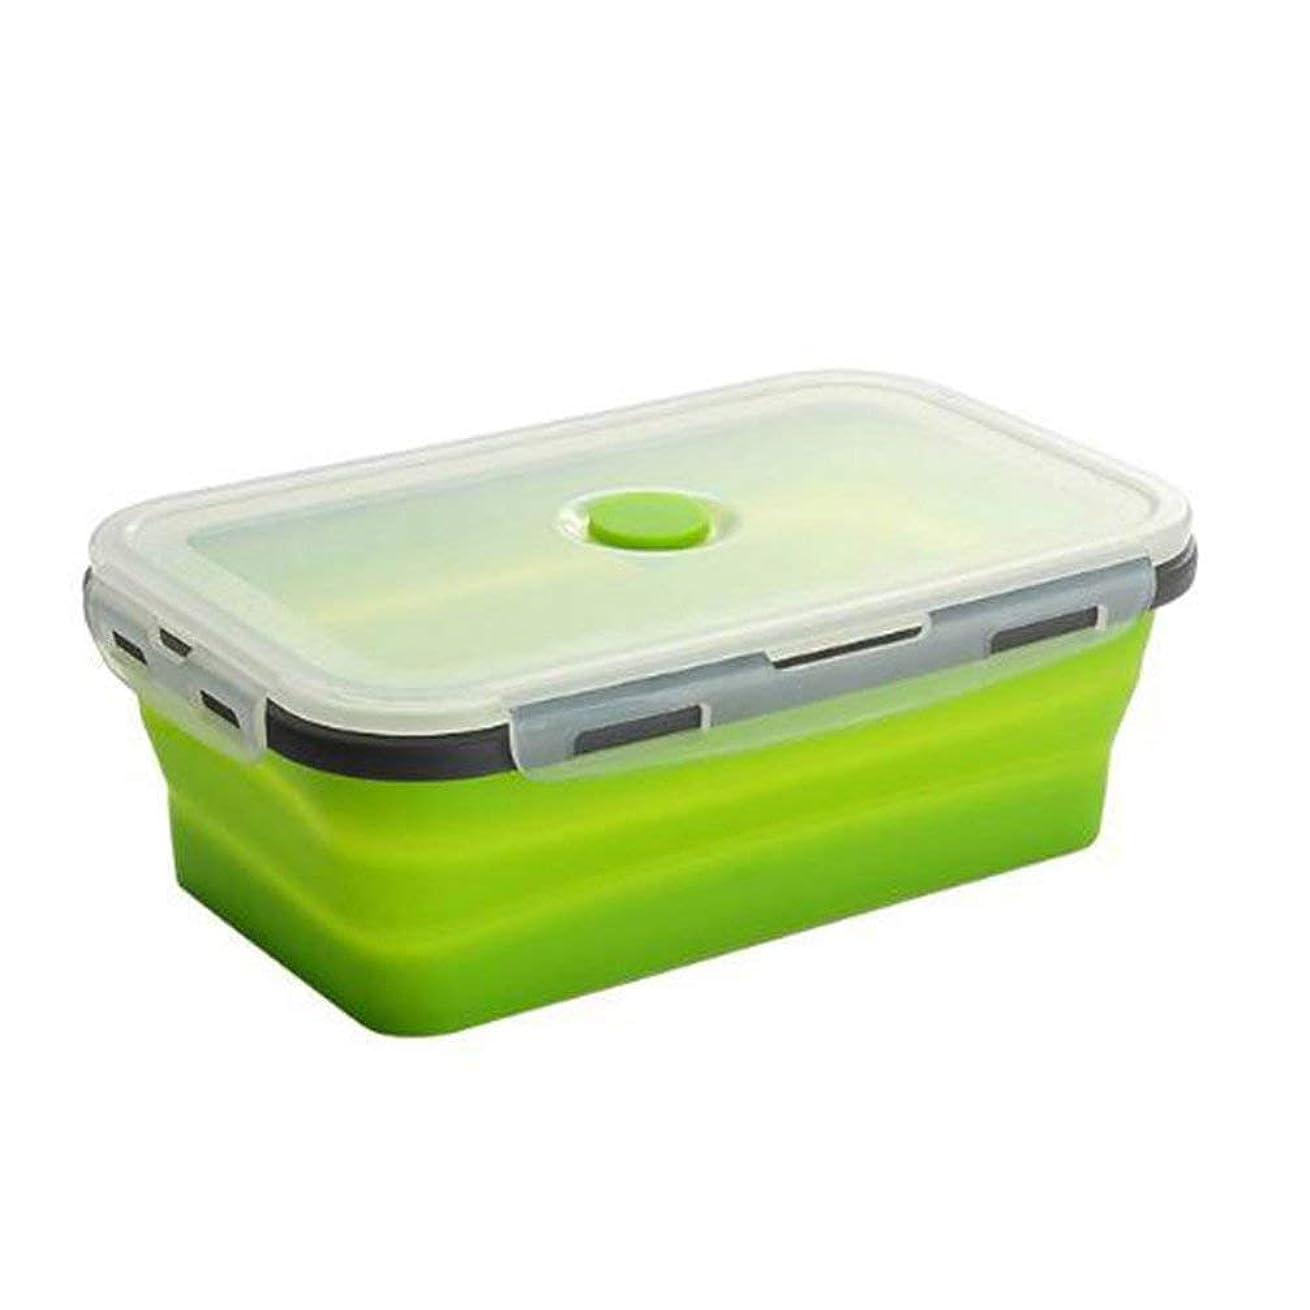 アルネ火曜日慣性シリコーン折りたたみランチボックス食品保管コンテナーBento BPAフリー500 Ml、グレー+グリーン